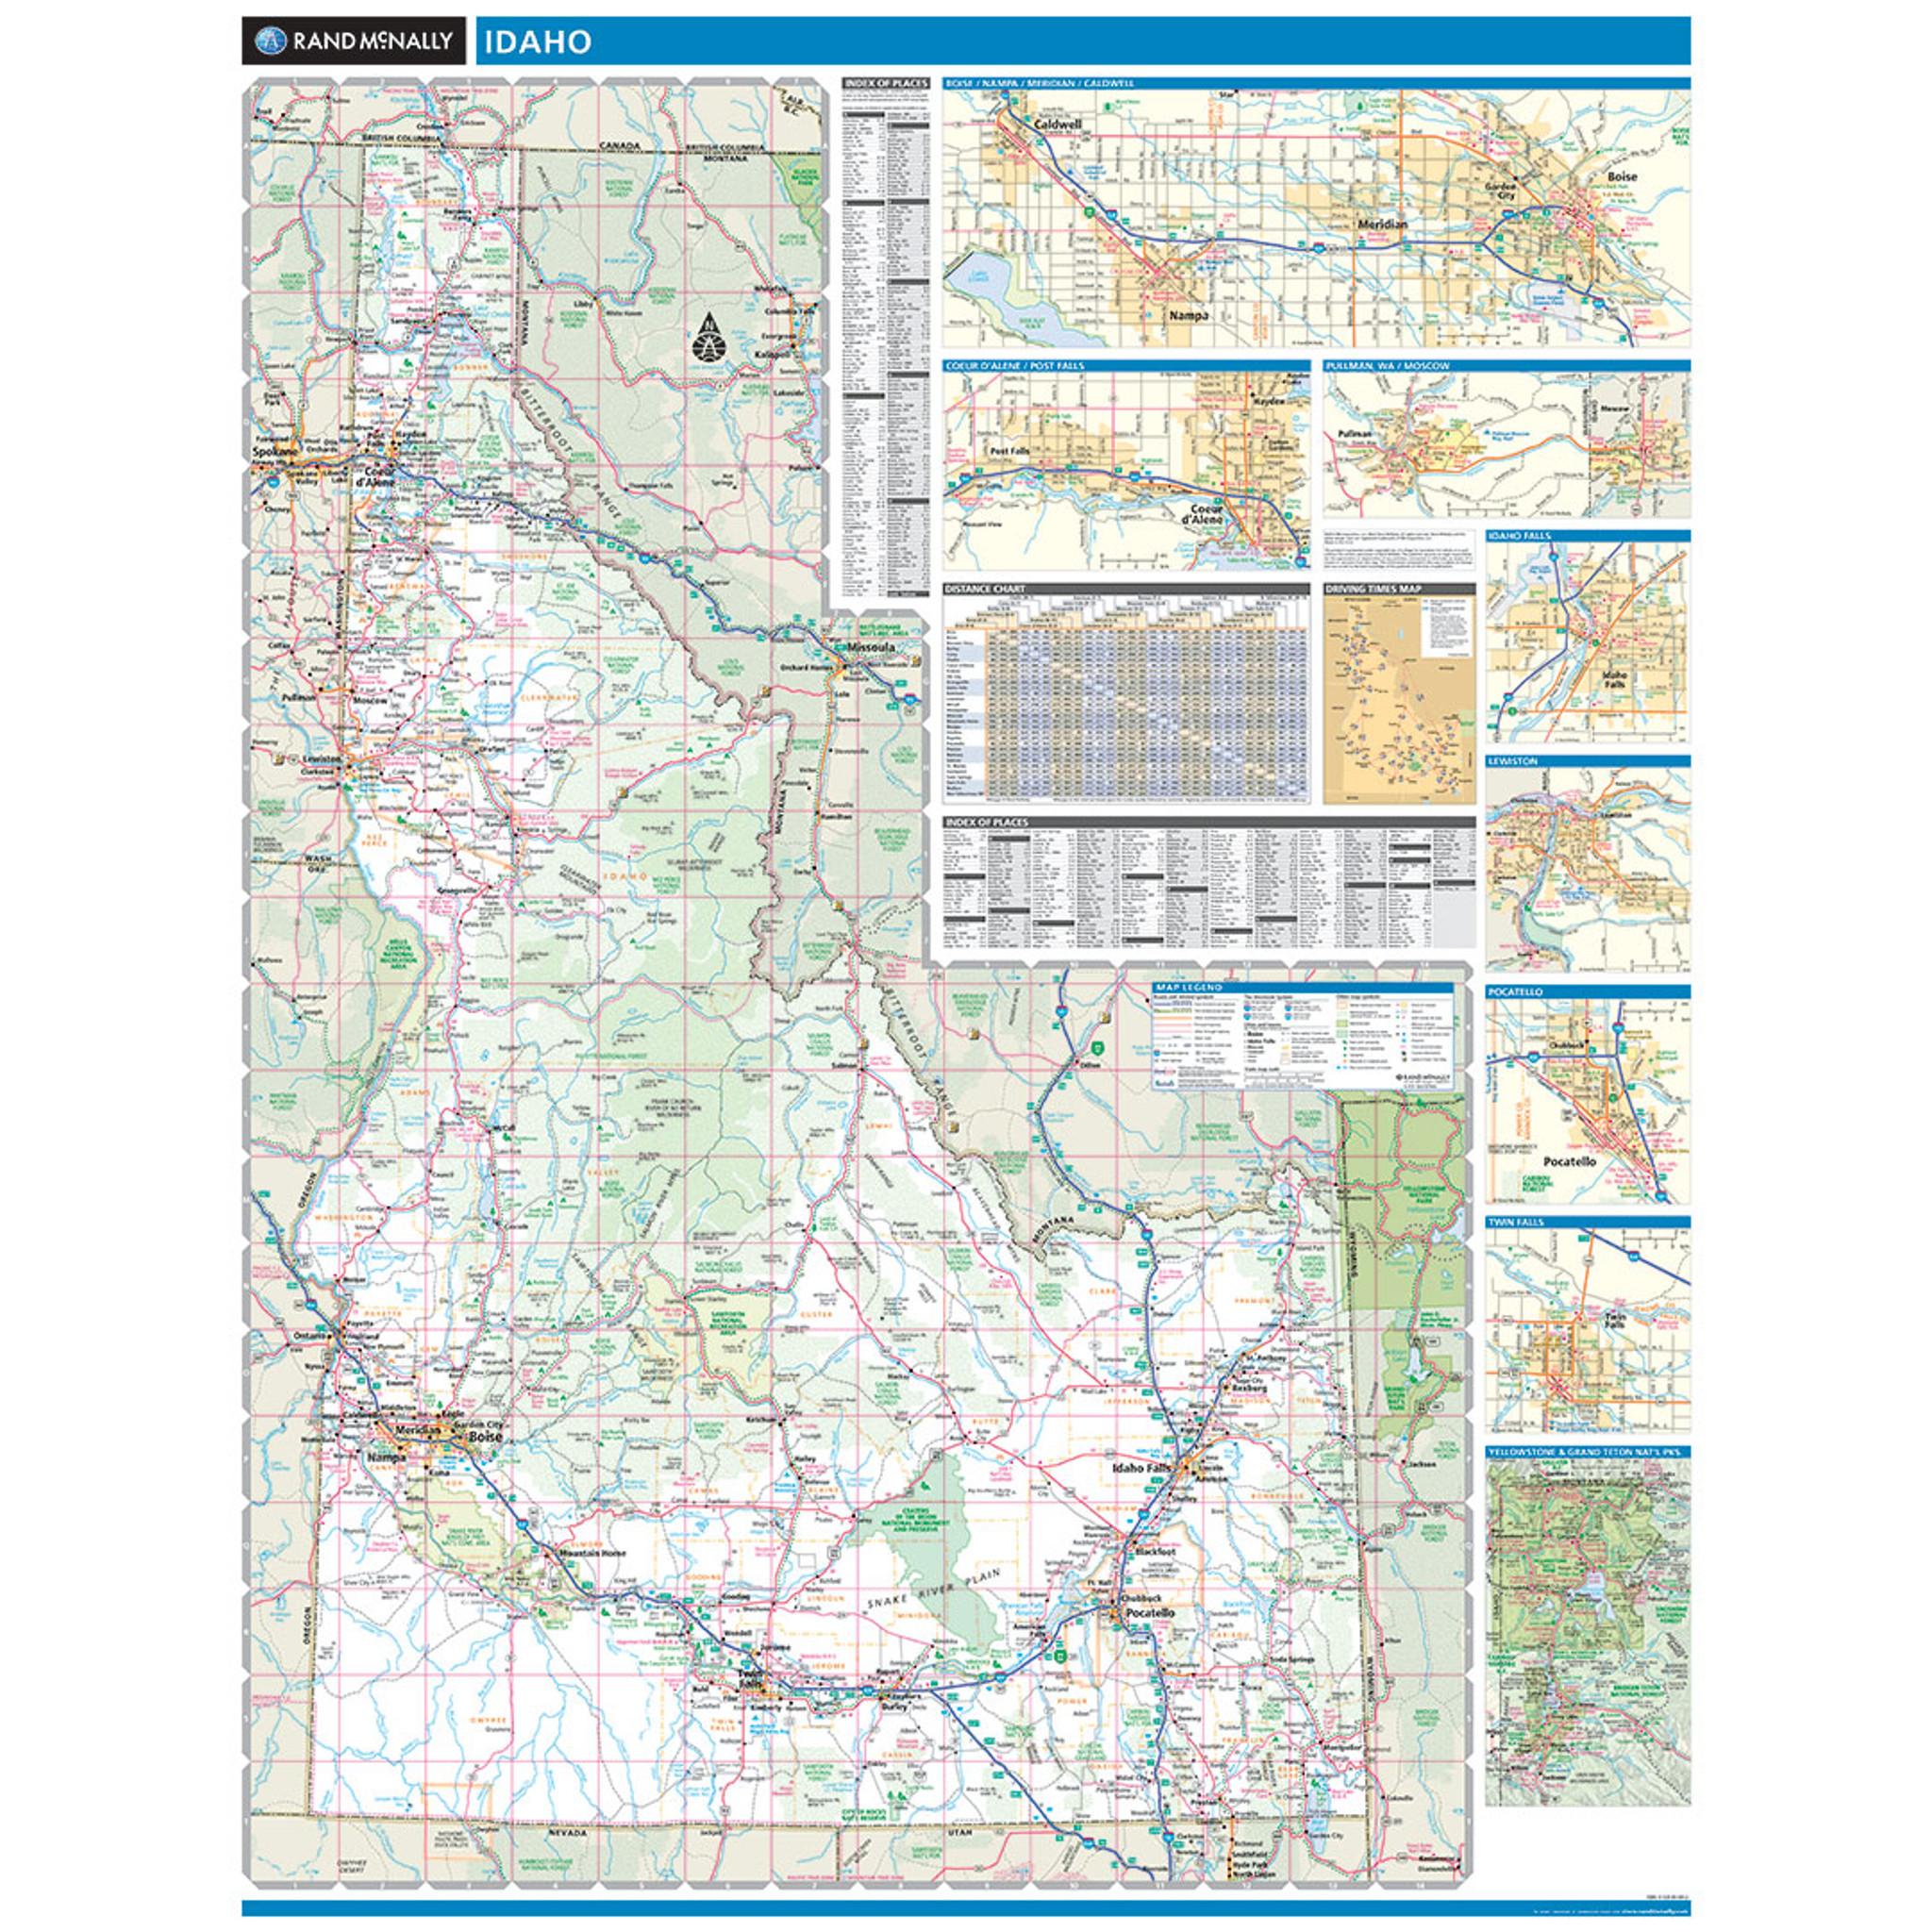 Rand McNally Idaho State Wall Map